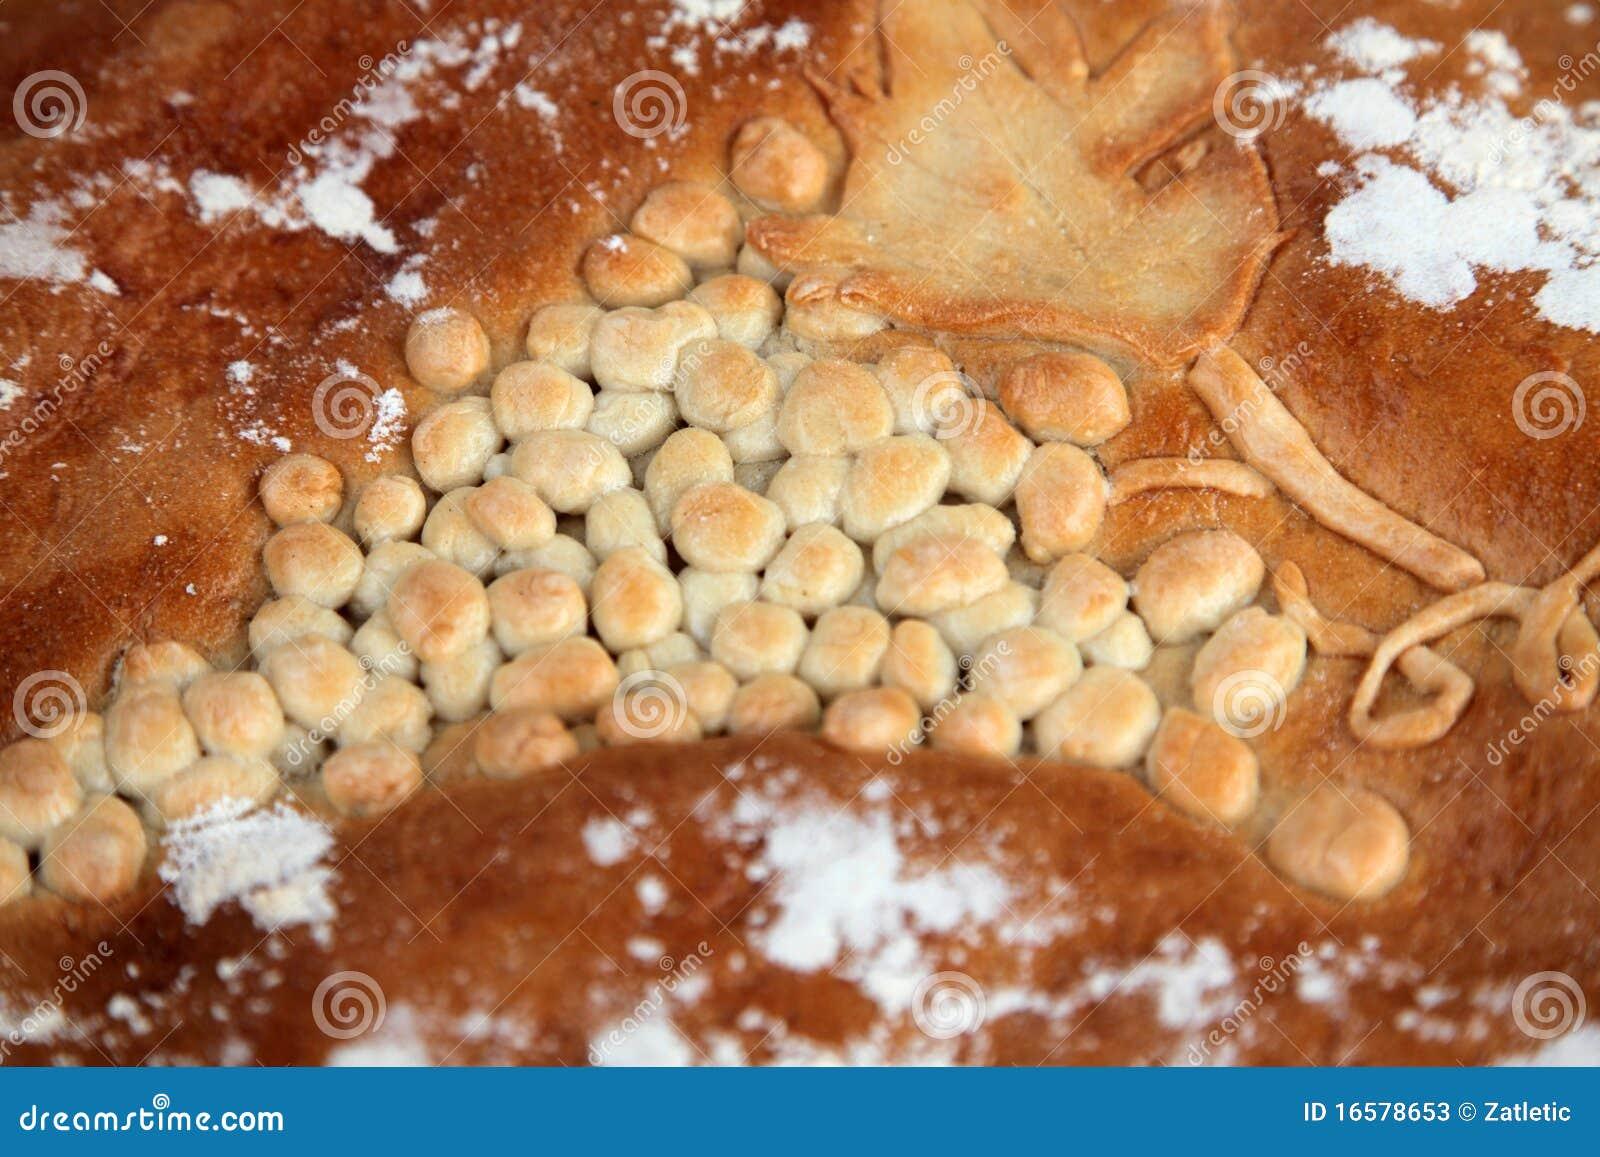 Closeup of delicious homemade christmas bread stock photos image 16578653 - Make delicious sweet bread christmas ...